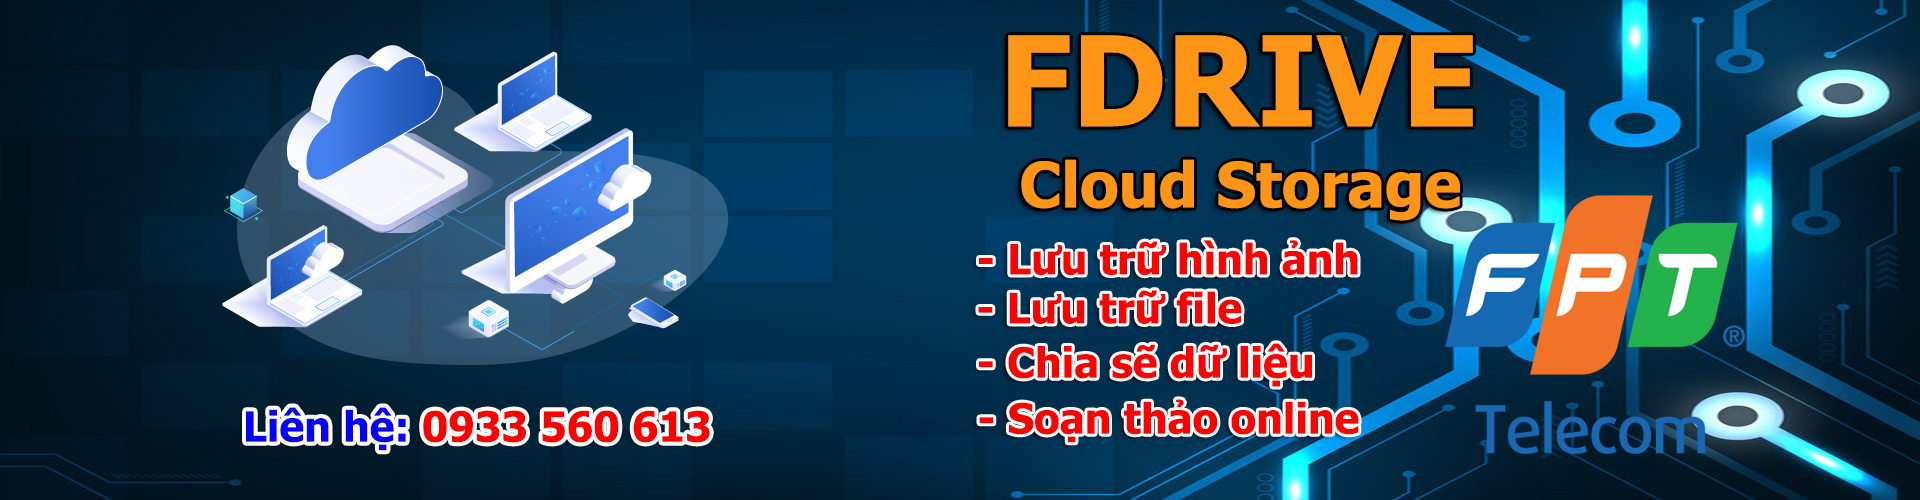 Fdrive - Lưu trữ online - Chia sẽ - đồng bộ dữ liệu - bảo mật